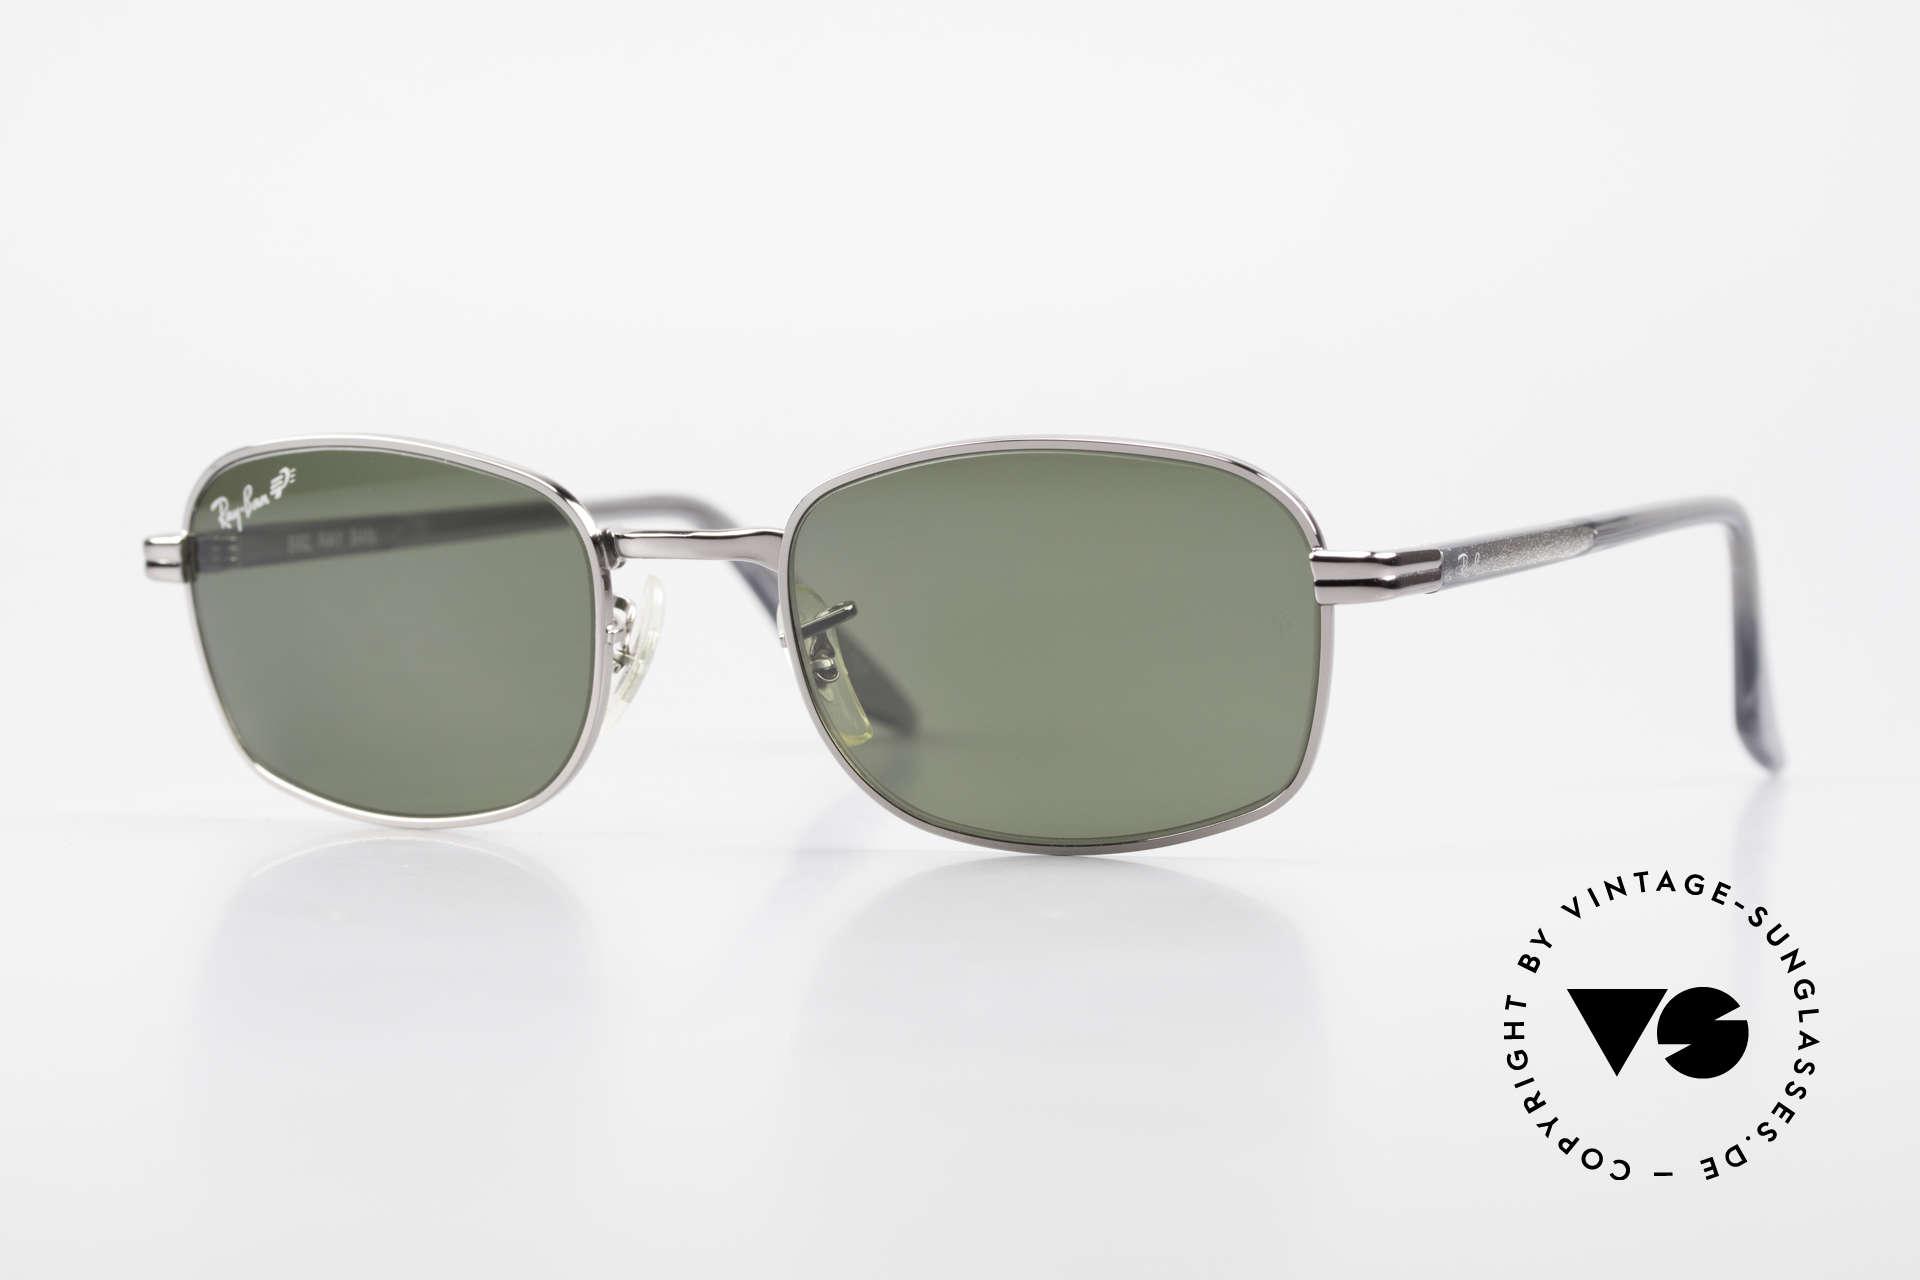 Ray Ban Sidestreet Crosswalk Square Polarisierende Brille, alte Ray-Ban 'SideStreet-Series' Sonnenbrille von 1999, Passend für Herren